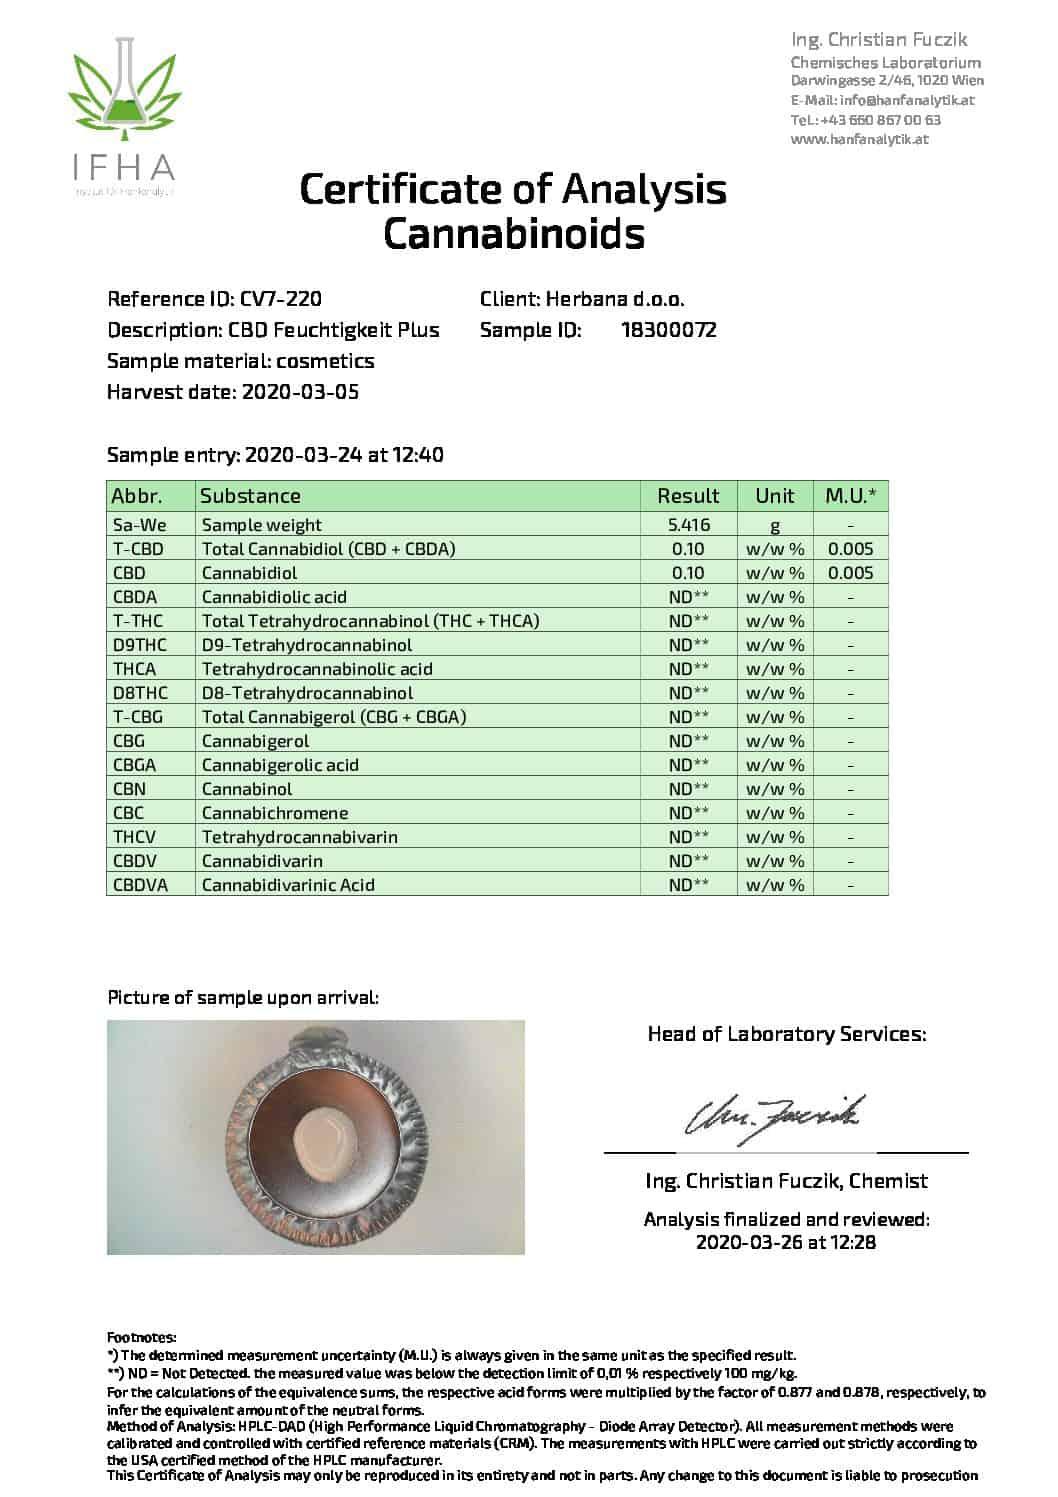 cbd магазин - premium analysenzertifikat feuchtigkeitplus 03 2020 pdf